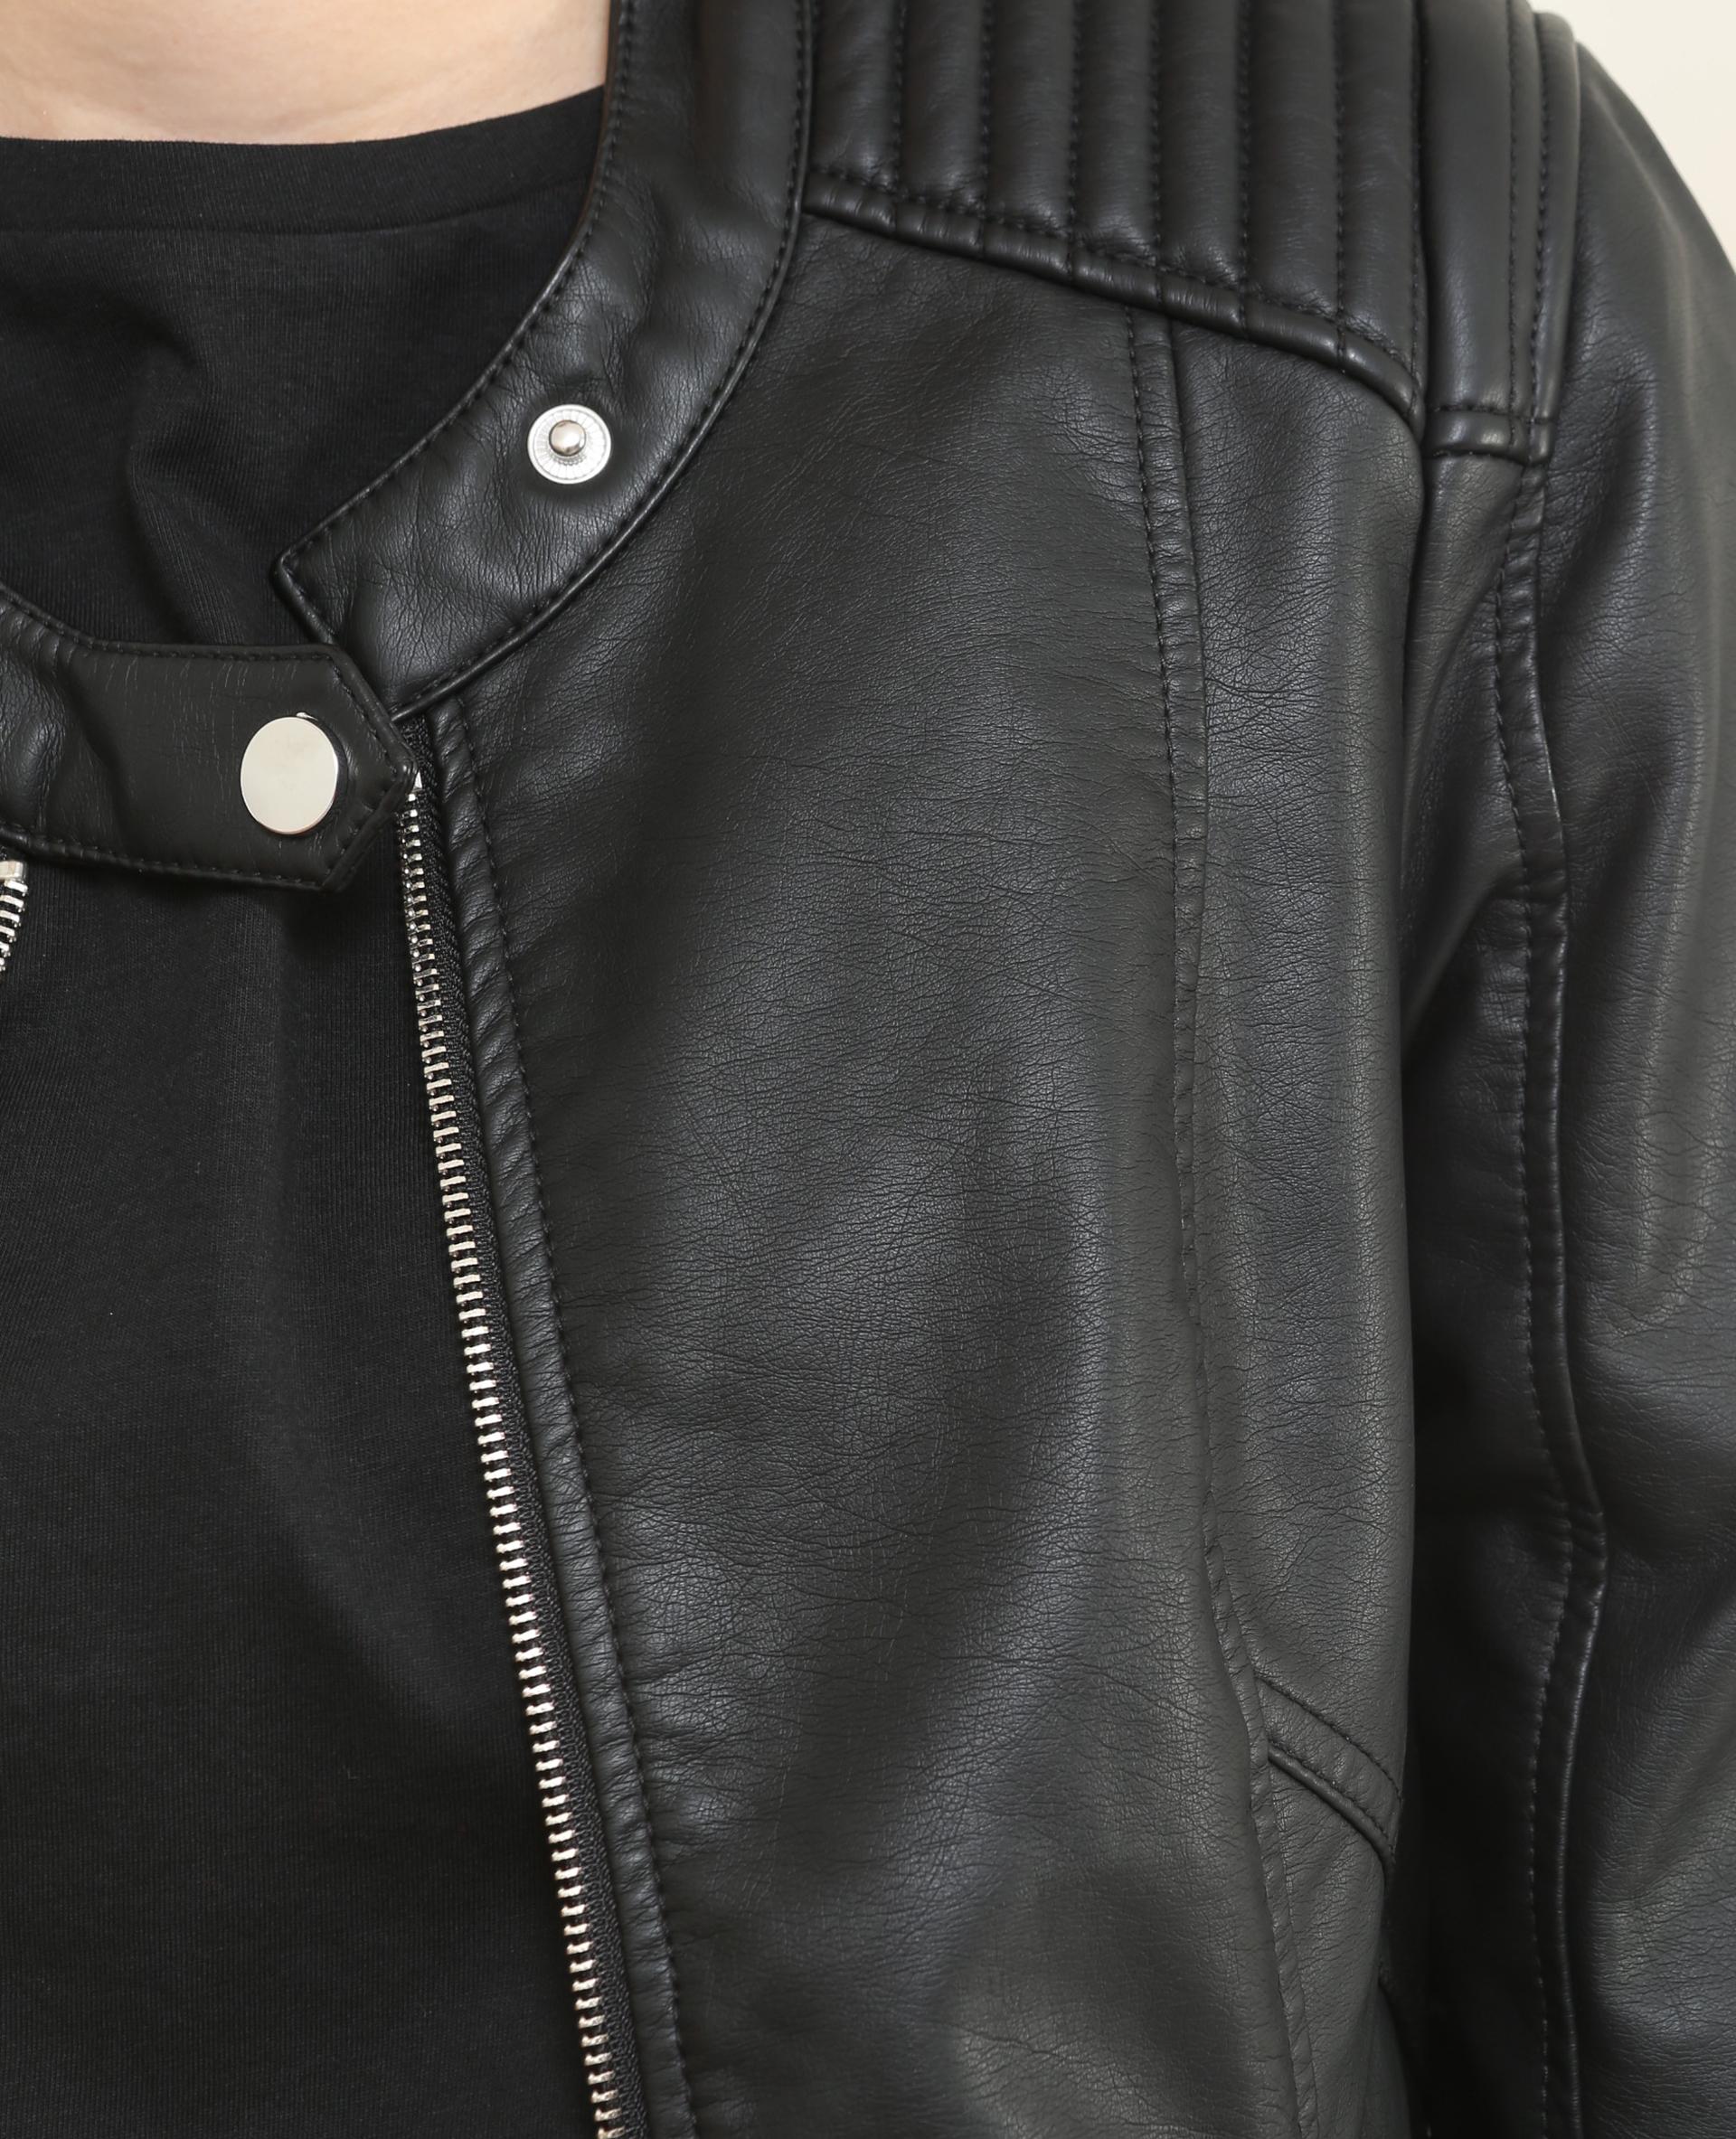 822fa1138e272 Pimkie Veste Esprit Biker Simili Cuir Noir épaules Matelassées Femme 323112